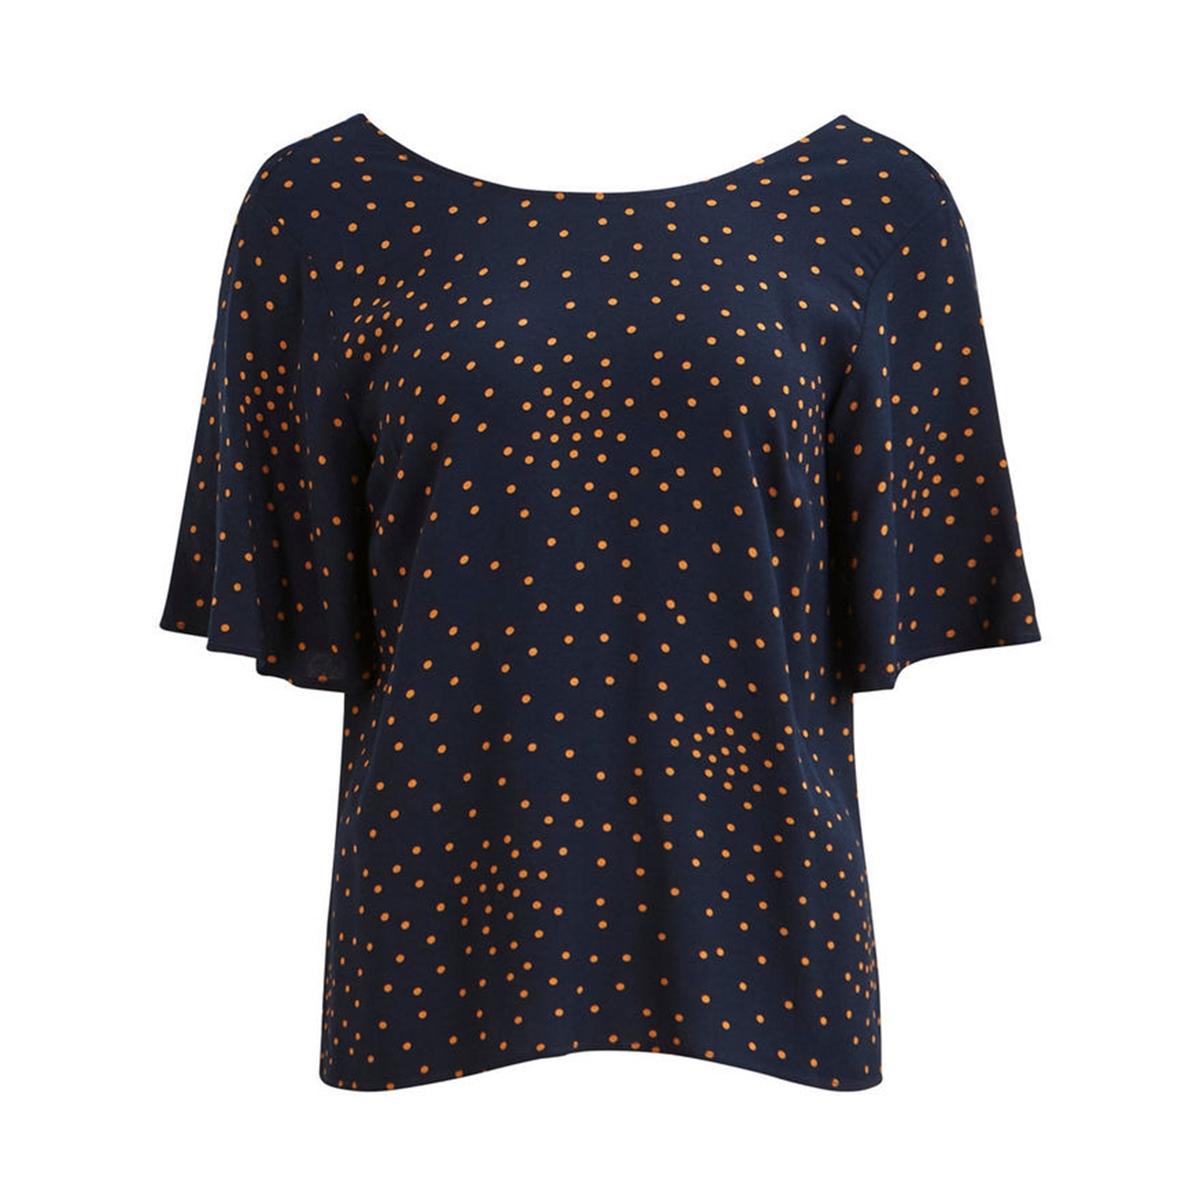 Блузка с круглым вырезом, рисунком в горошек и короткими рукавами рубашка с круглым вырезом и рисунком в горошек